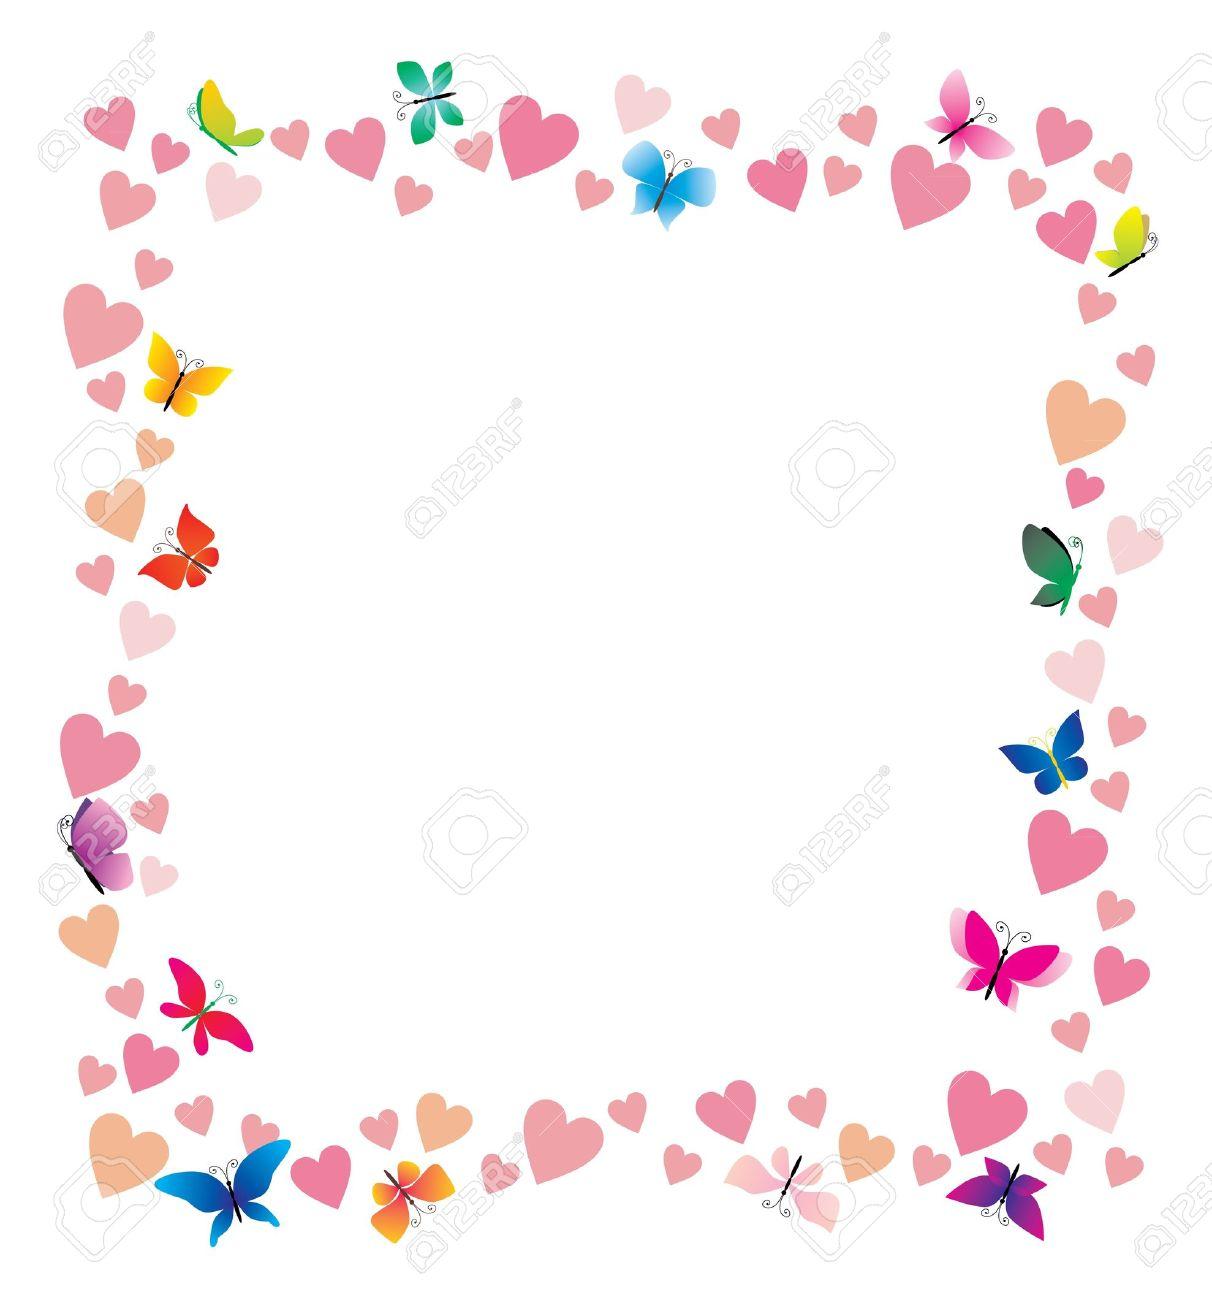 Vektor-Herzen Und Schmetterlinge Cartoon Rahmen Auf Weißem ...